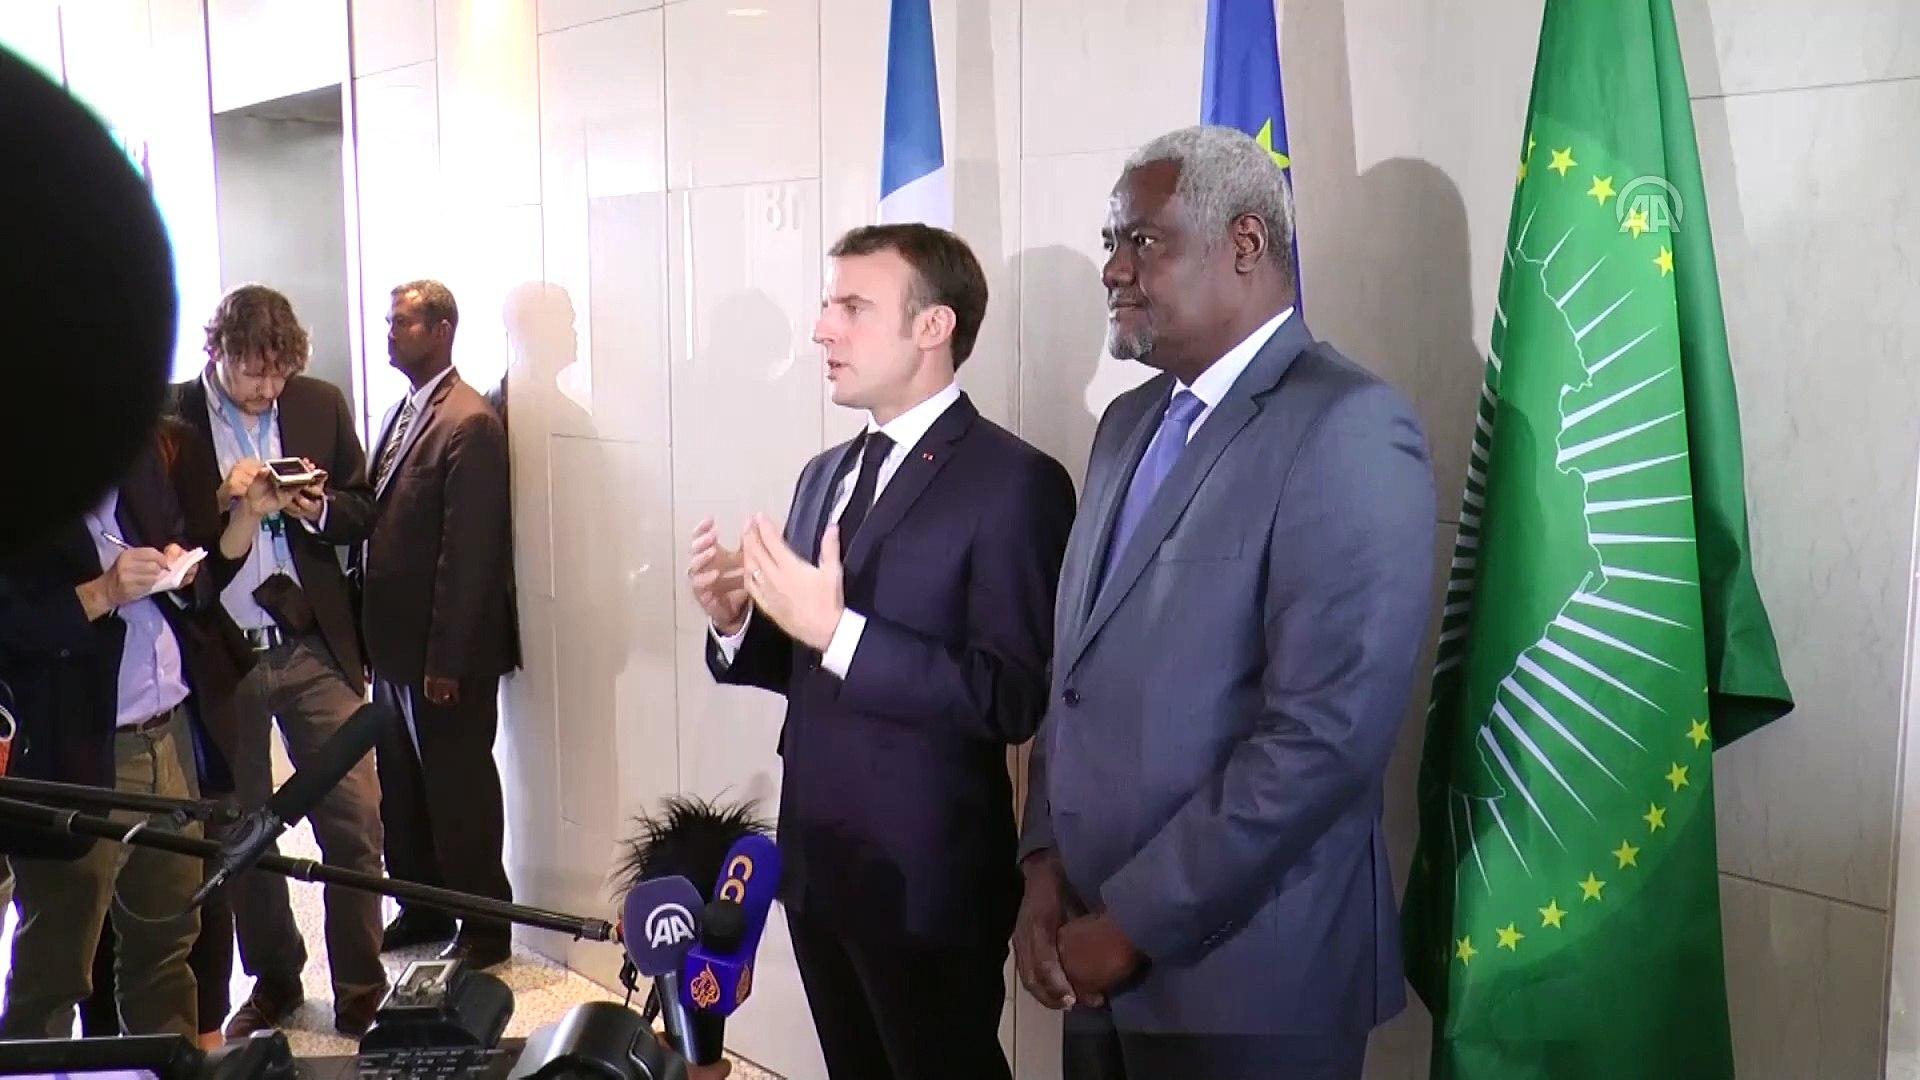 Macron'dan Afrika'ya terörle mücadelede iş birliği çağrısı - ADDİS ABABA